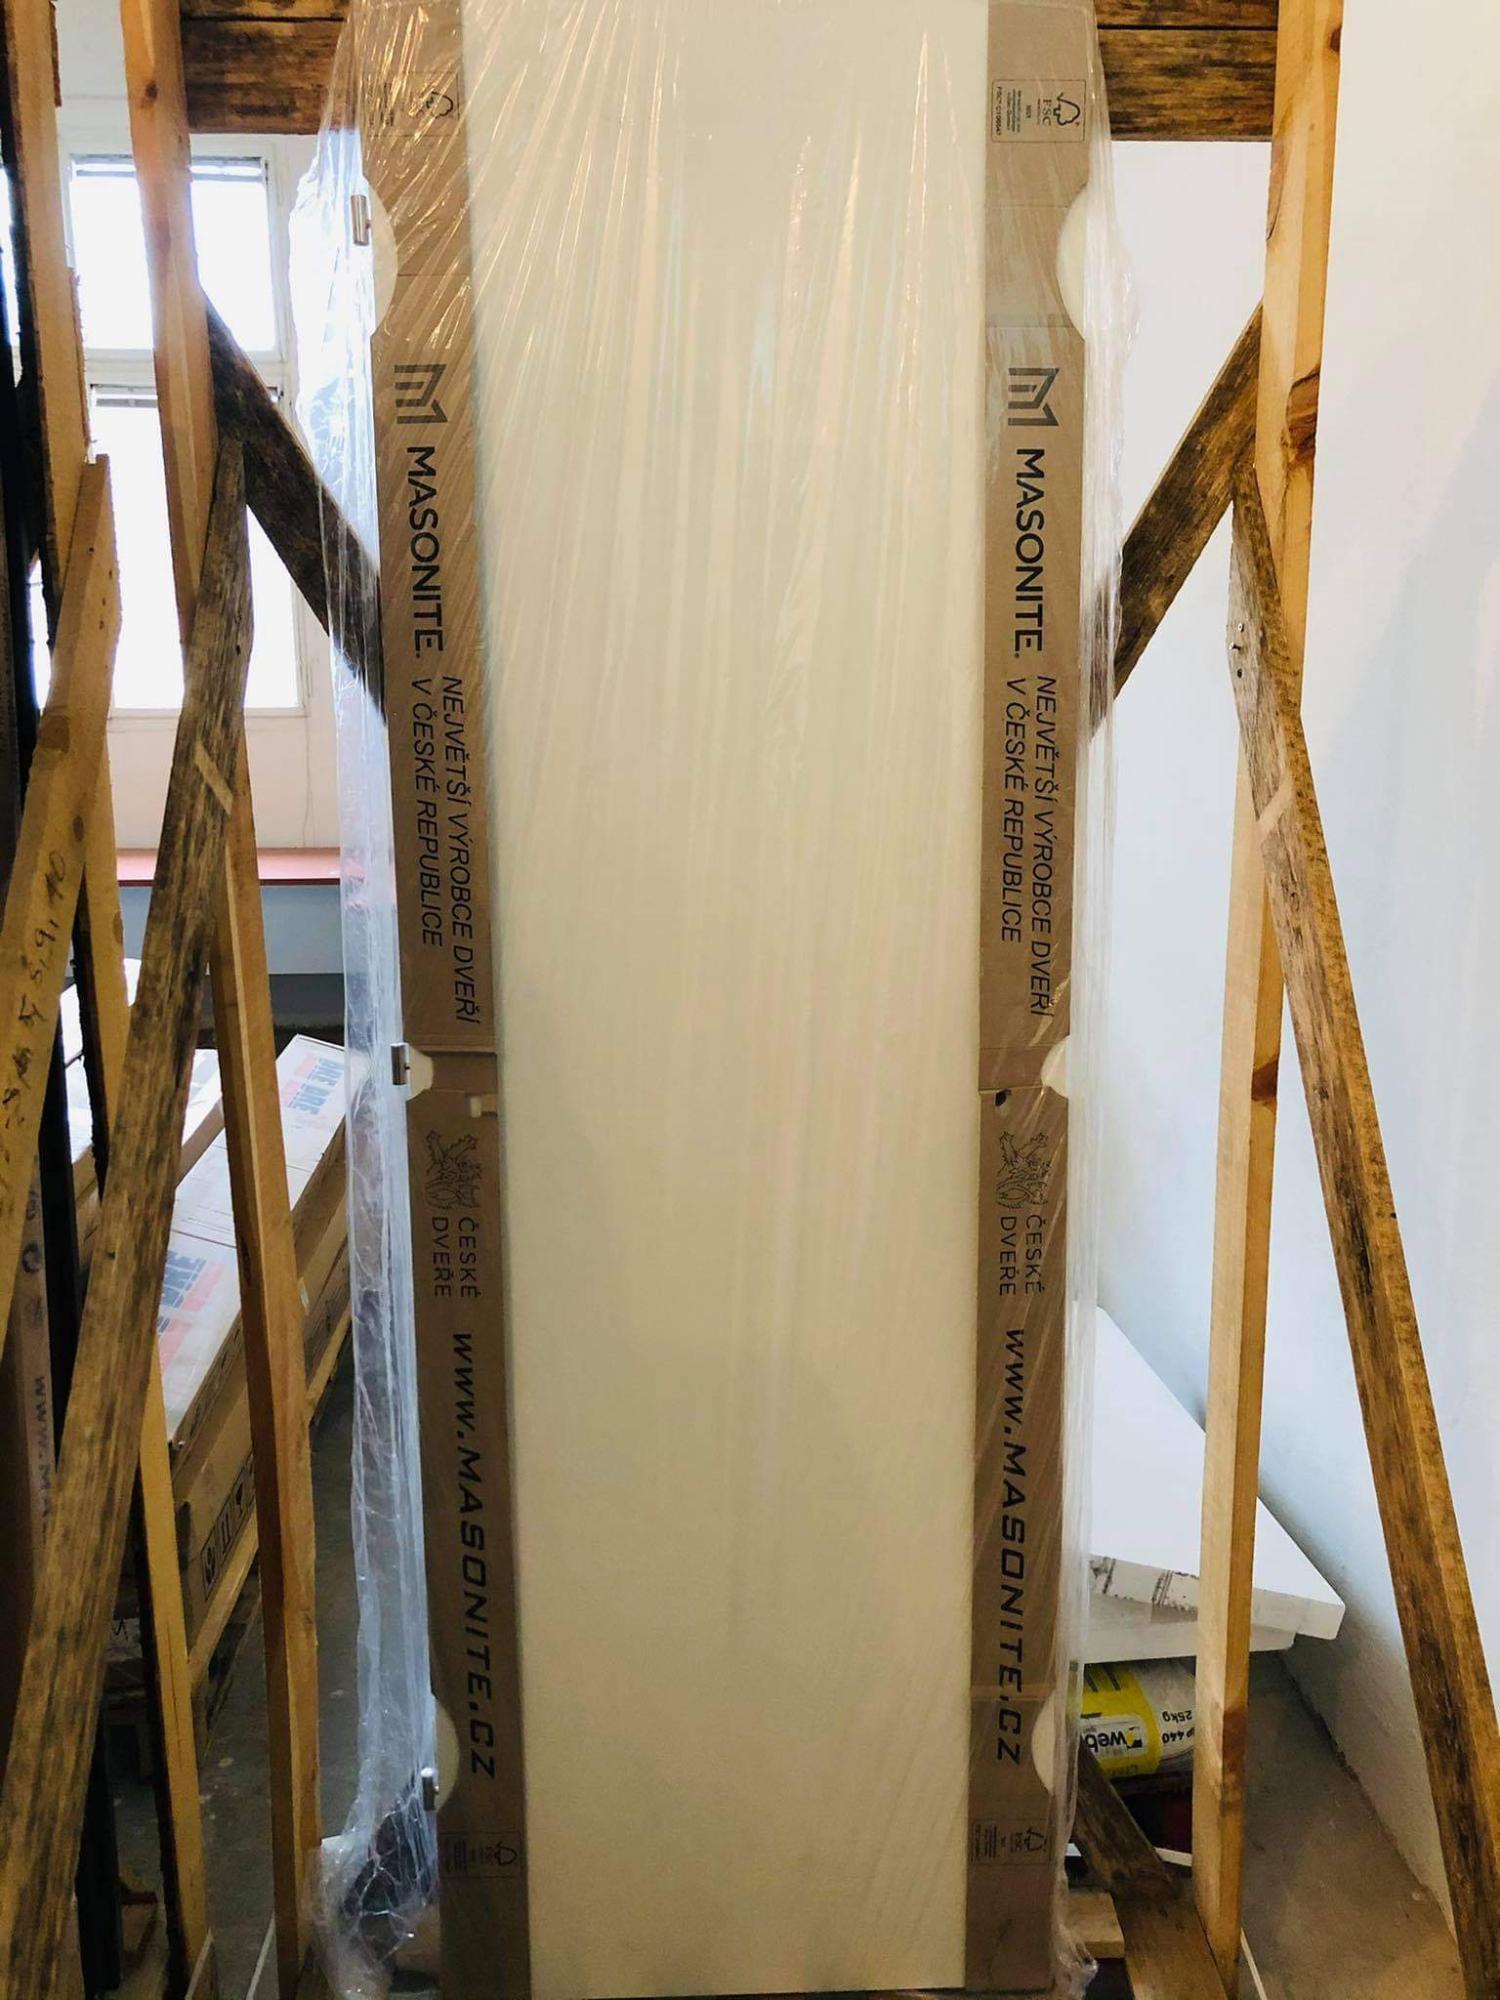 Masonite plné hladké CPL bílá 60L WC zámek